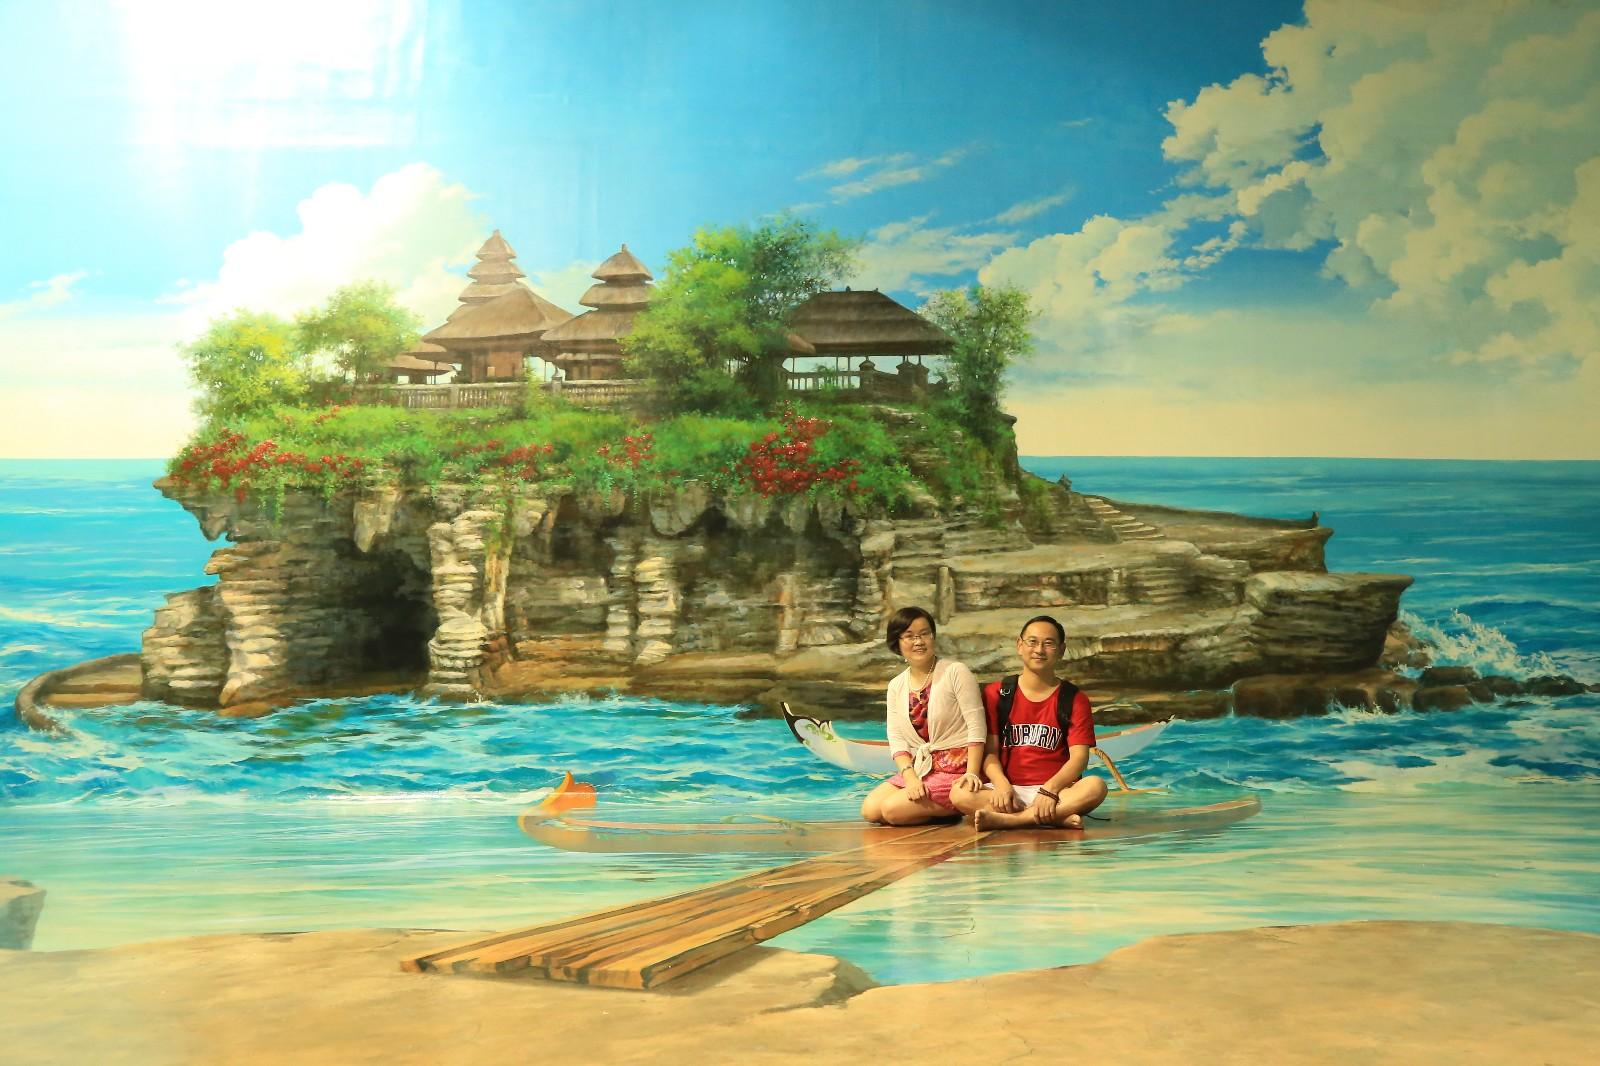 """追波逐浪,漫步海滩,巴厘岛处处都很""""妙"""""""